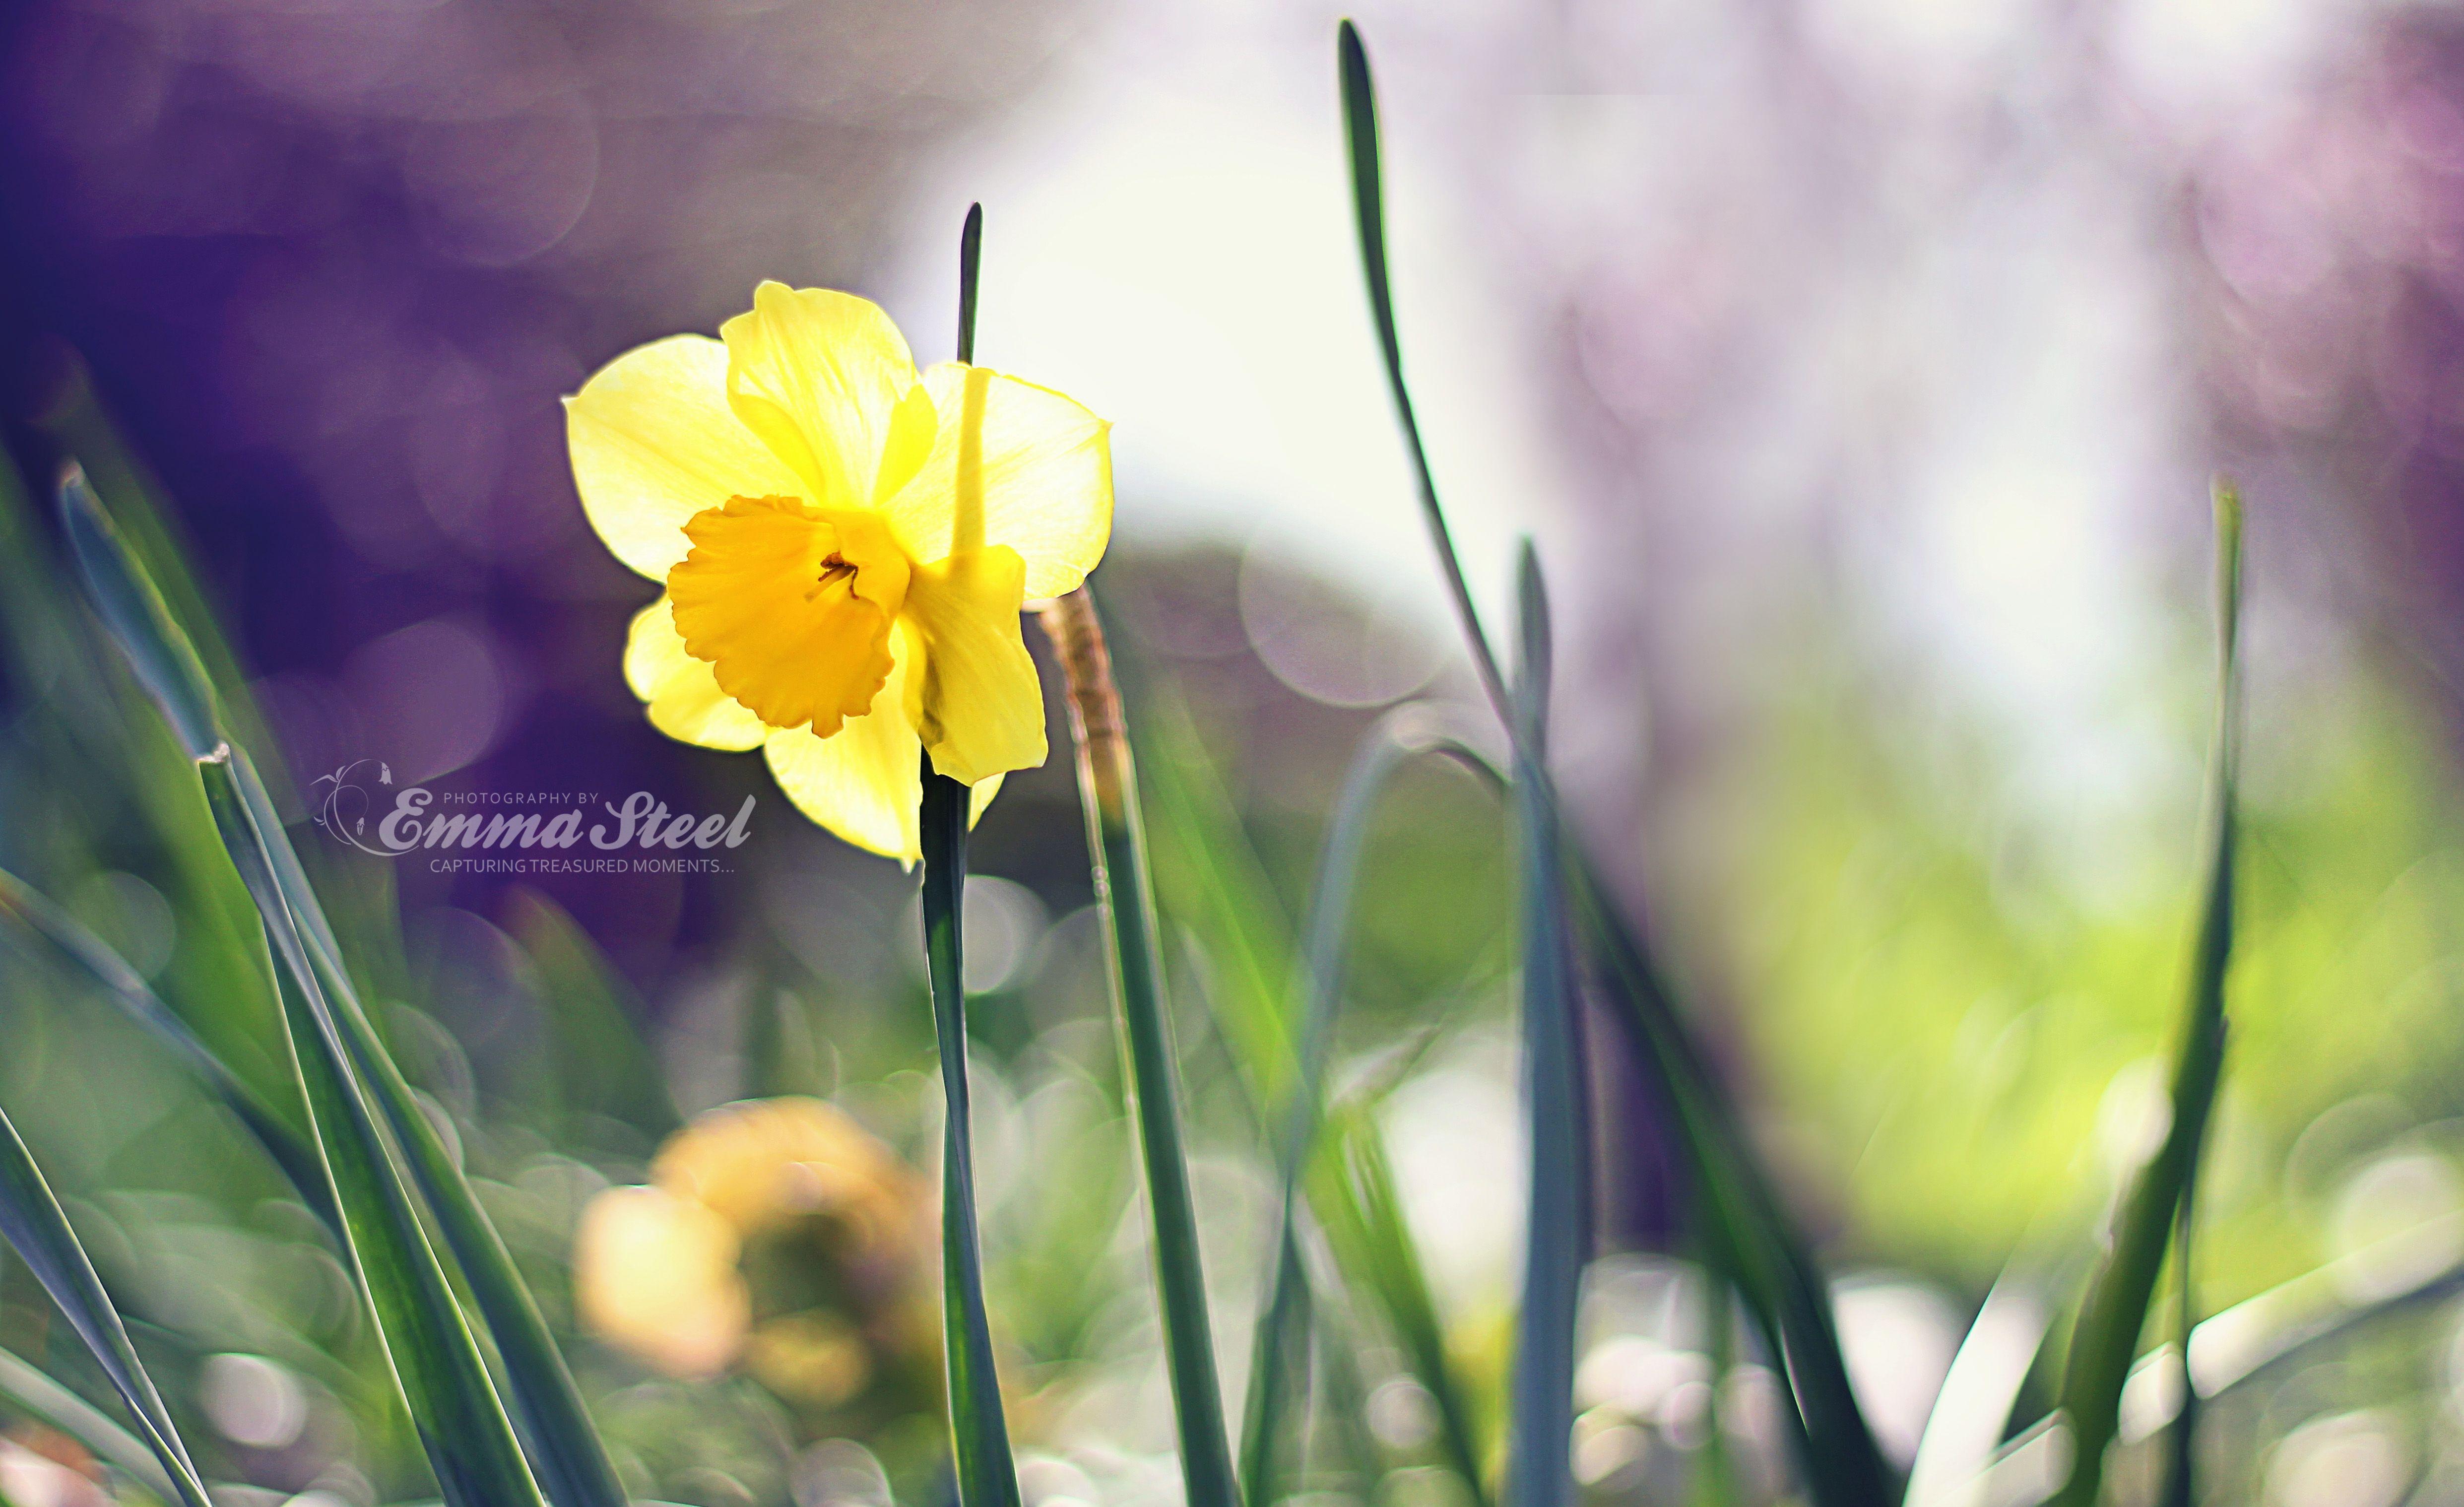 #DaffodilDay #Flower #Spring